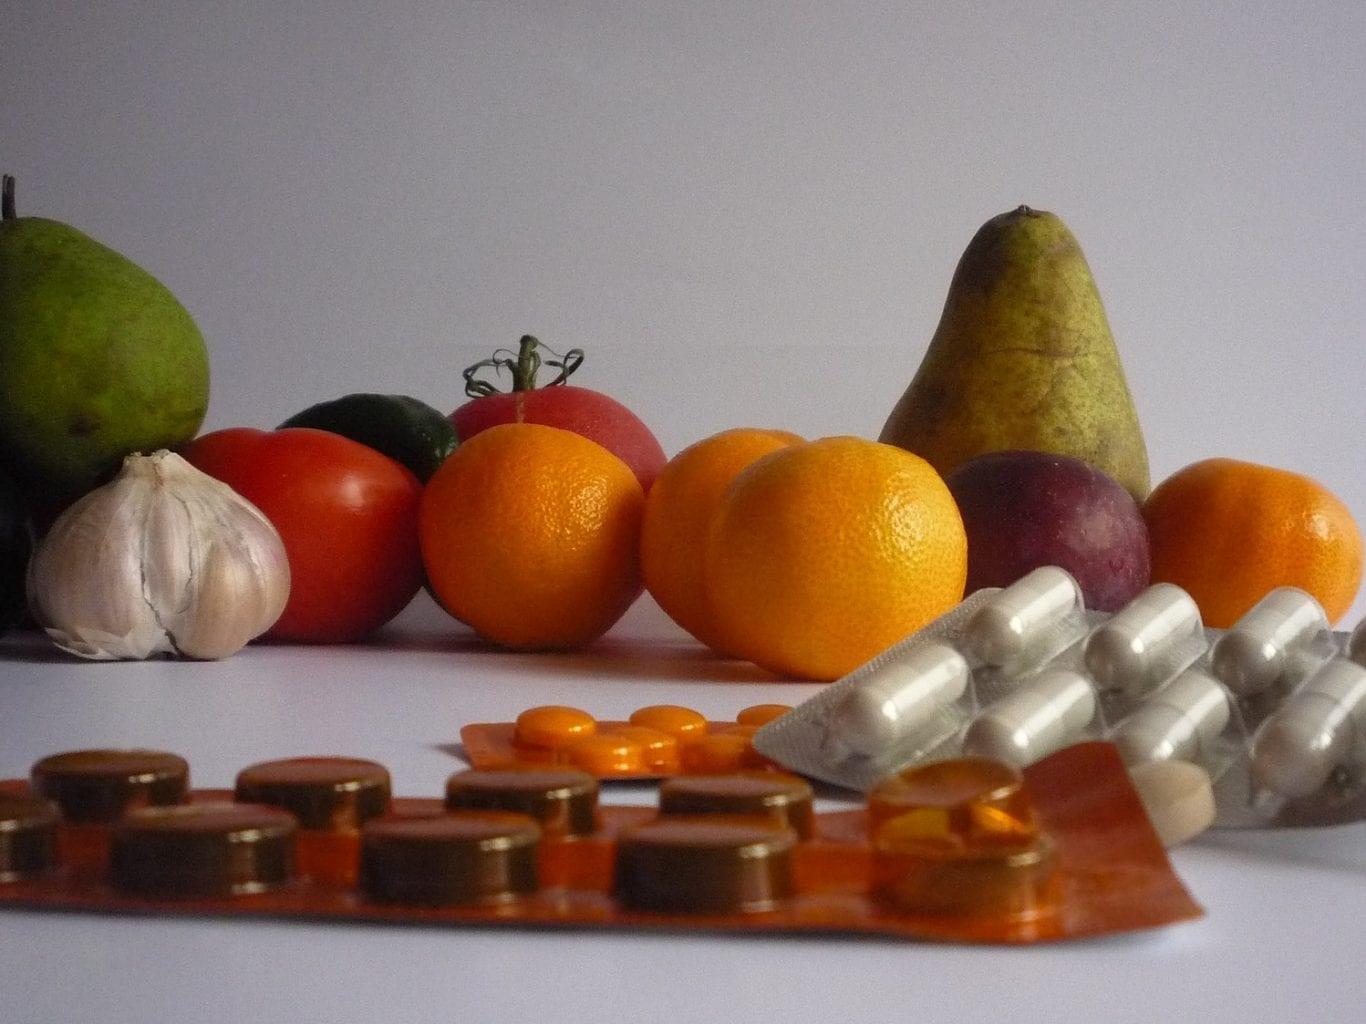 תוספי מזון לקורונה- פירות